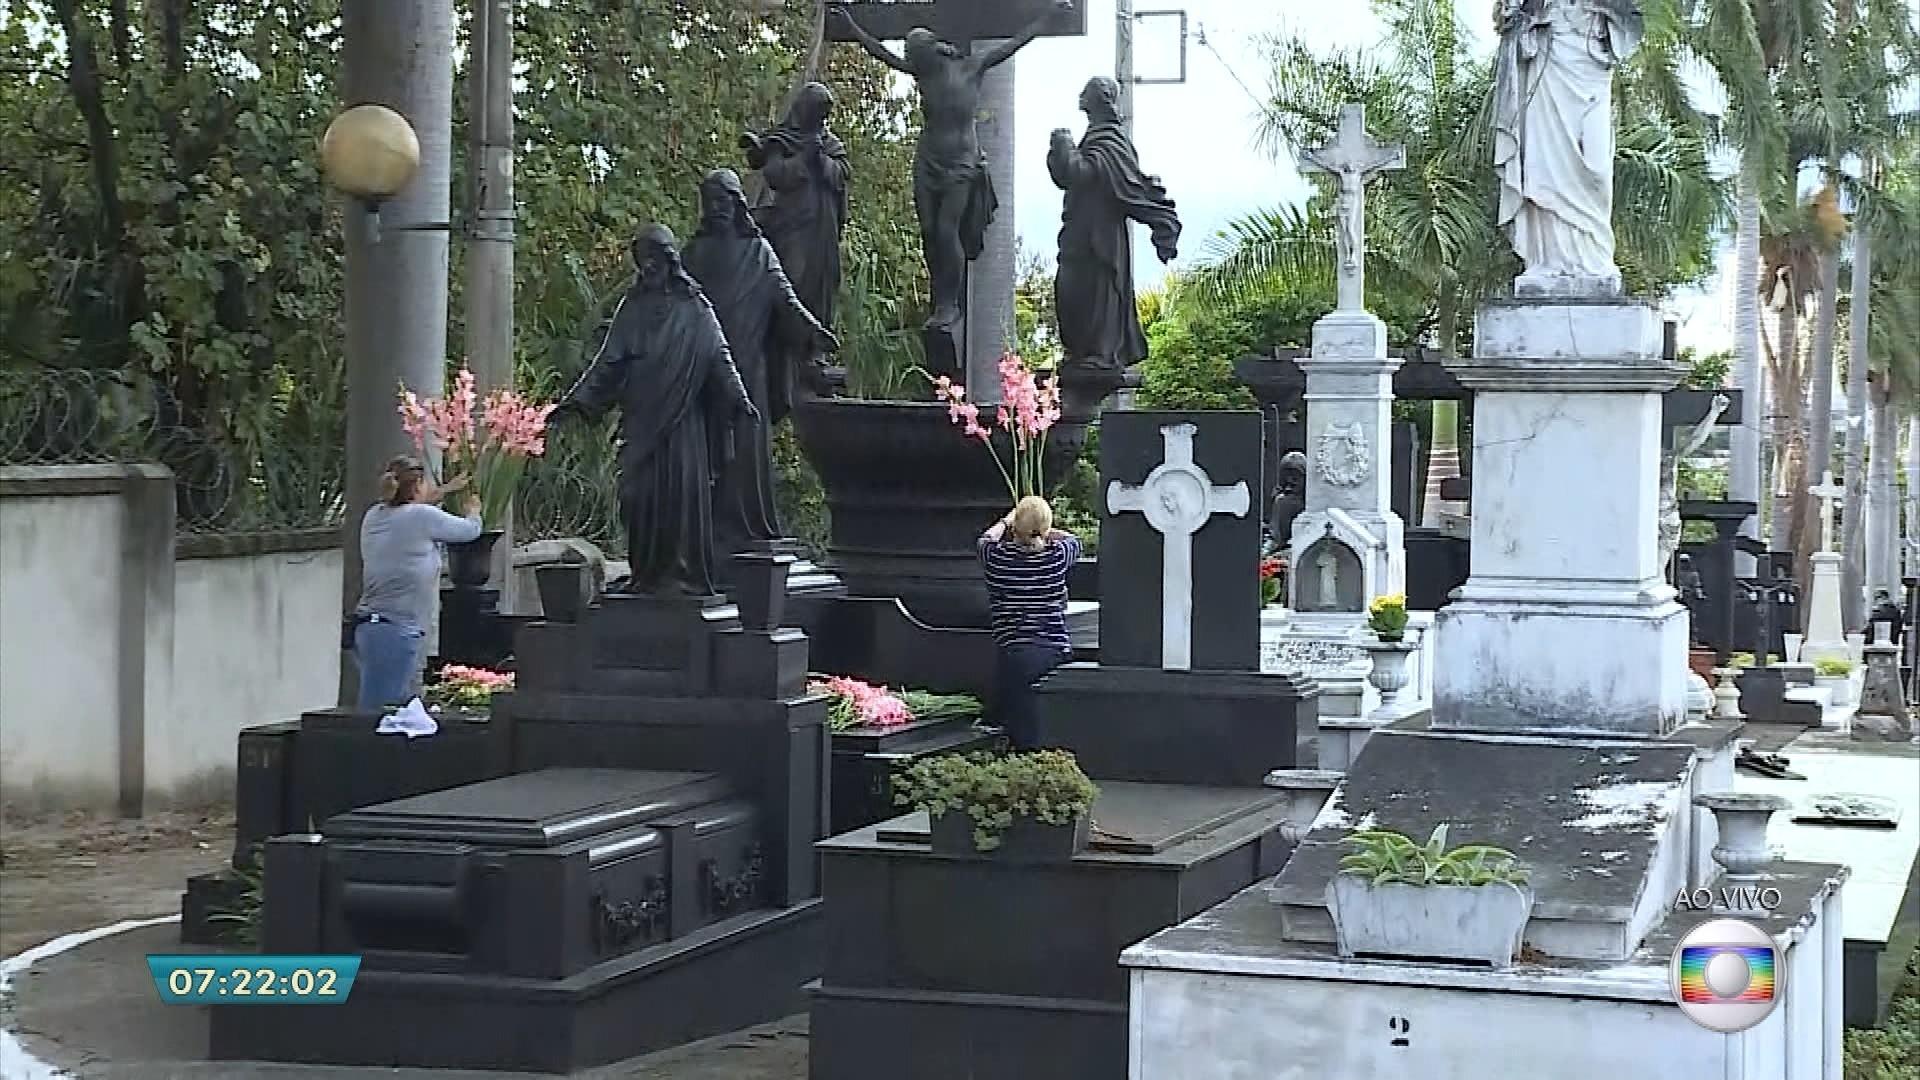 Cemitérios públicos municipais vão abrir as portas para visitantes no Dia de Finados em Belo Horizonte